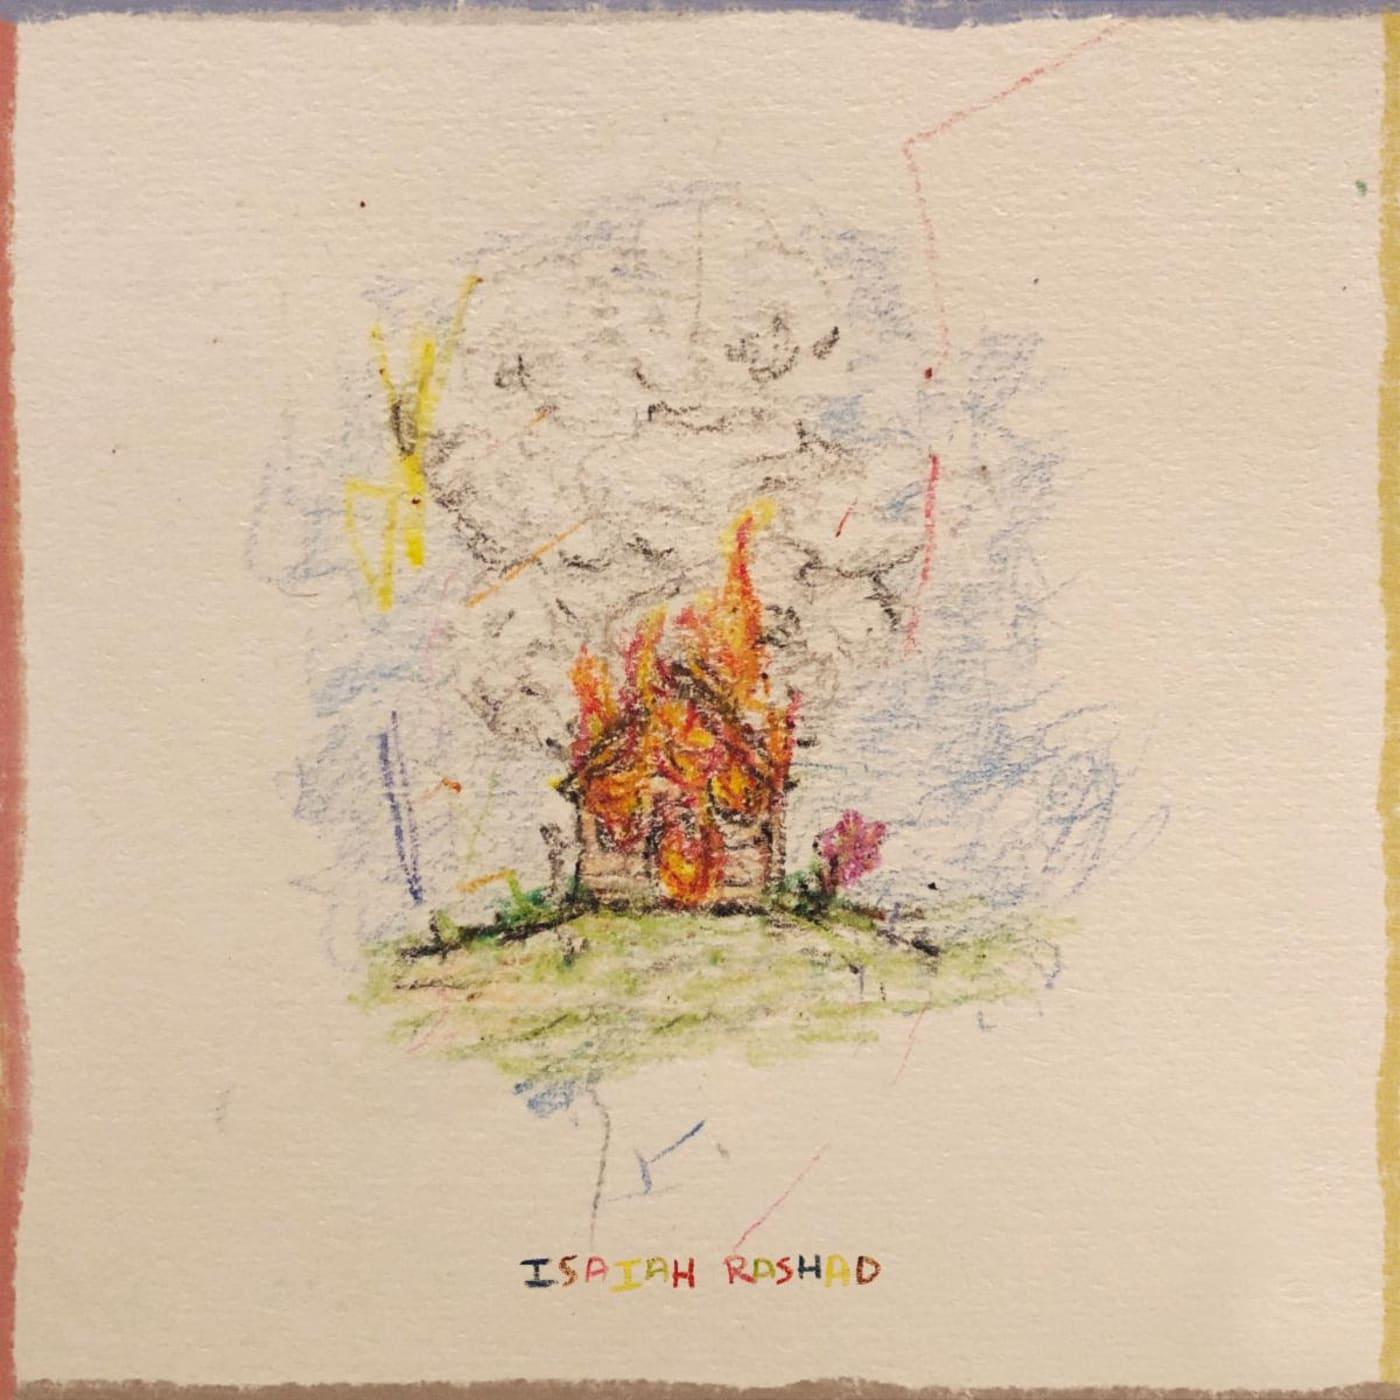 Isaiah Rashad - The House Is Burning